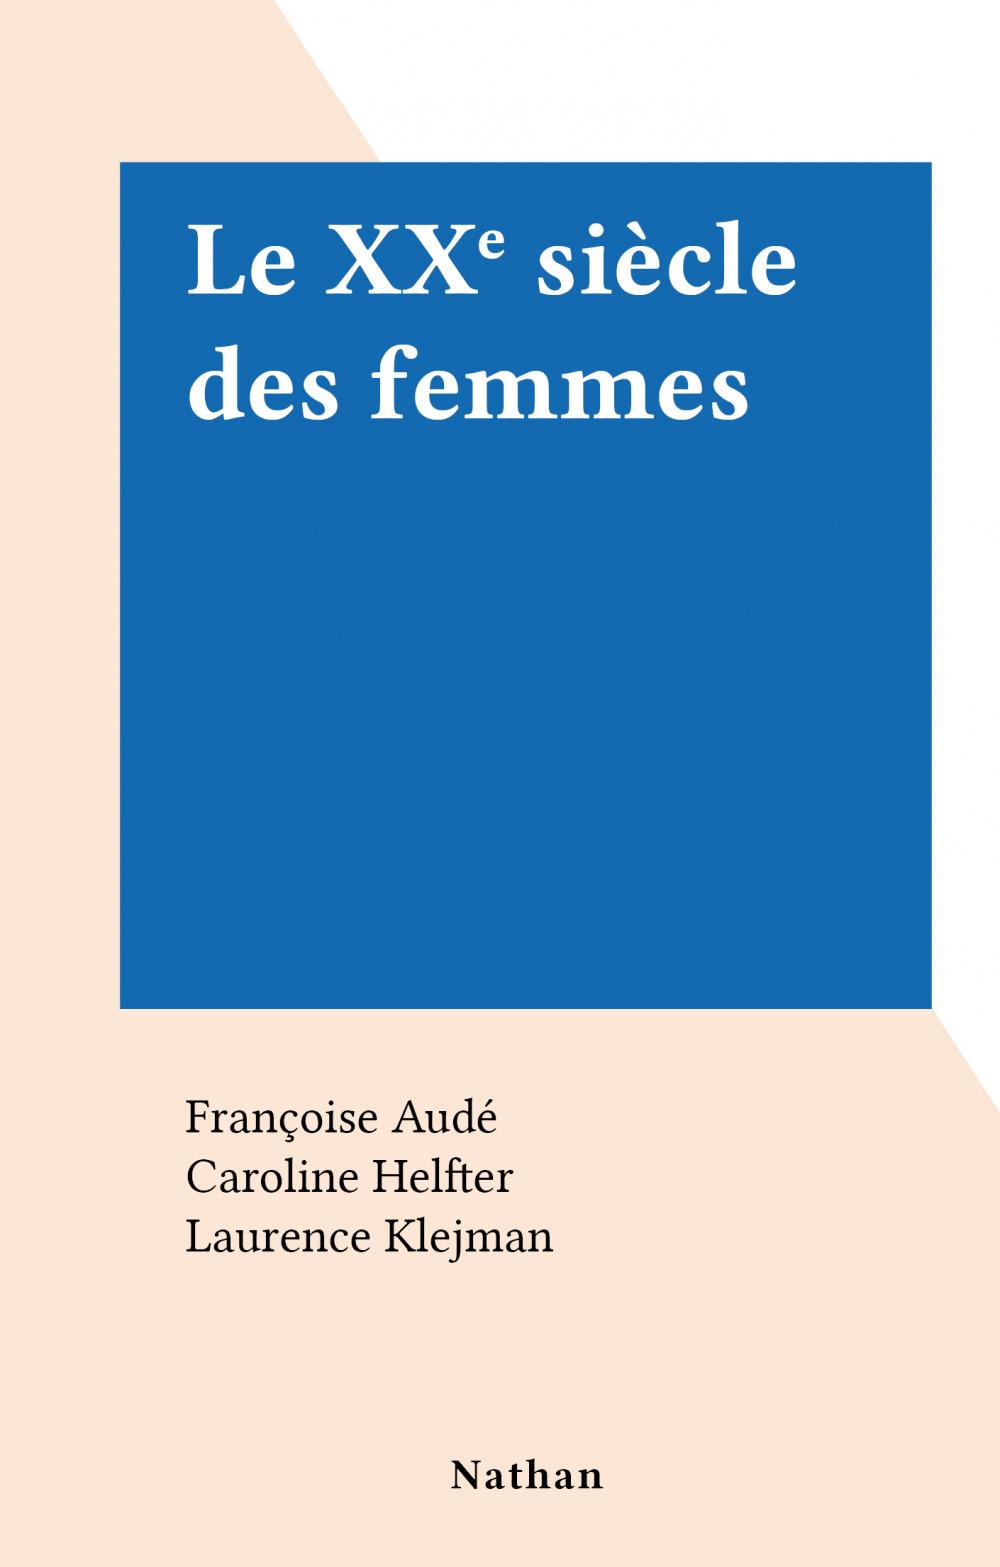 Le XXe siècle des femmes